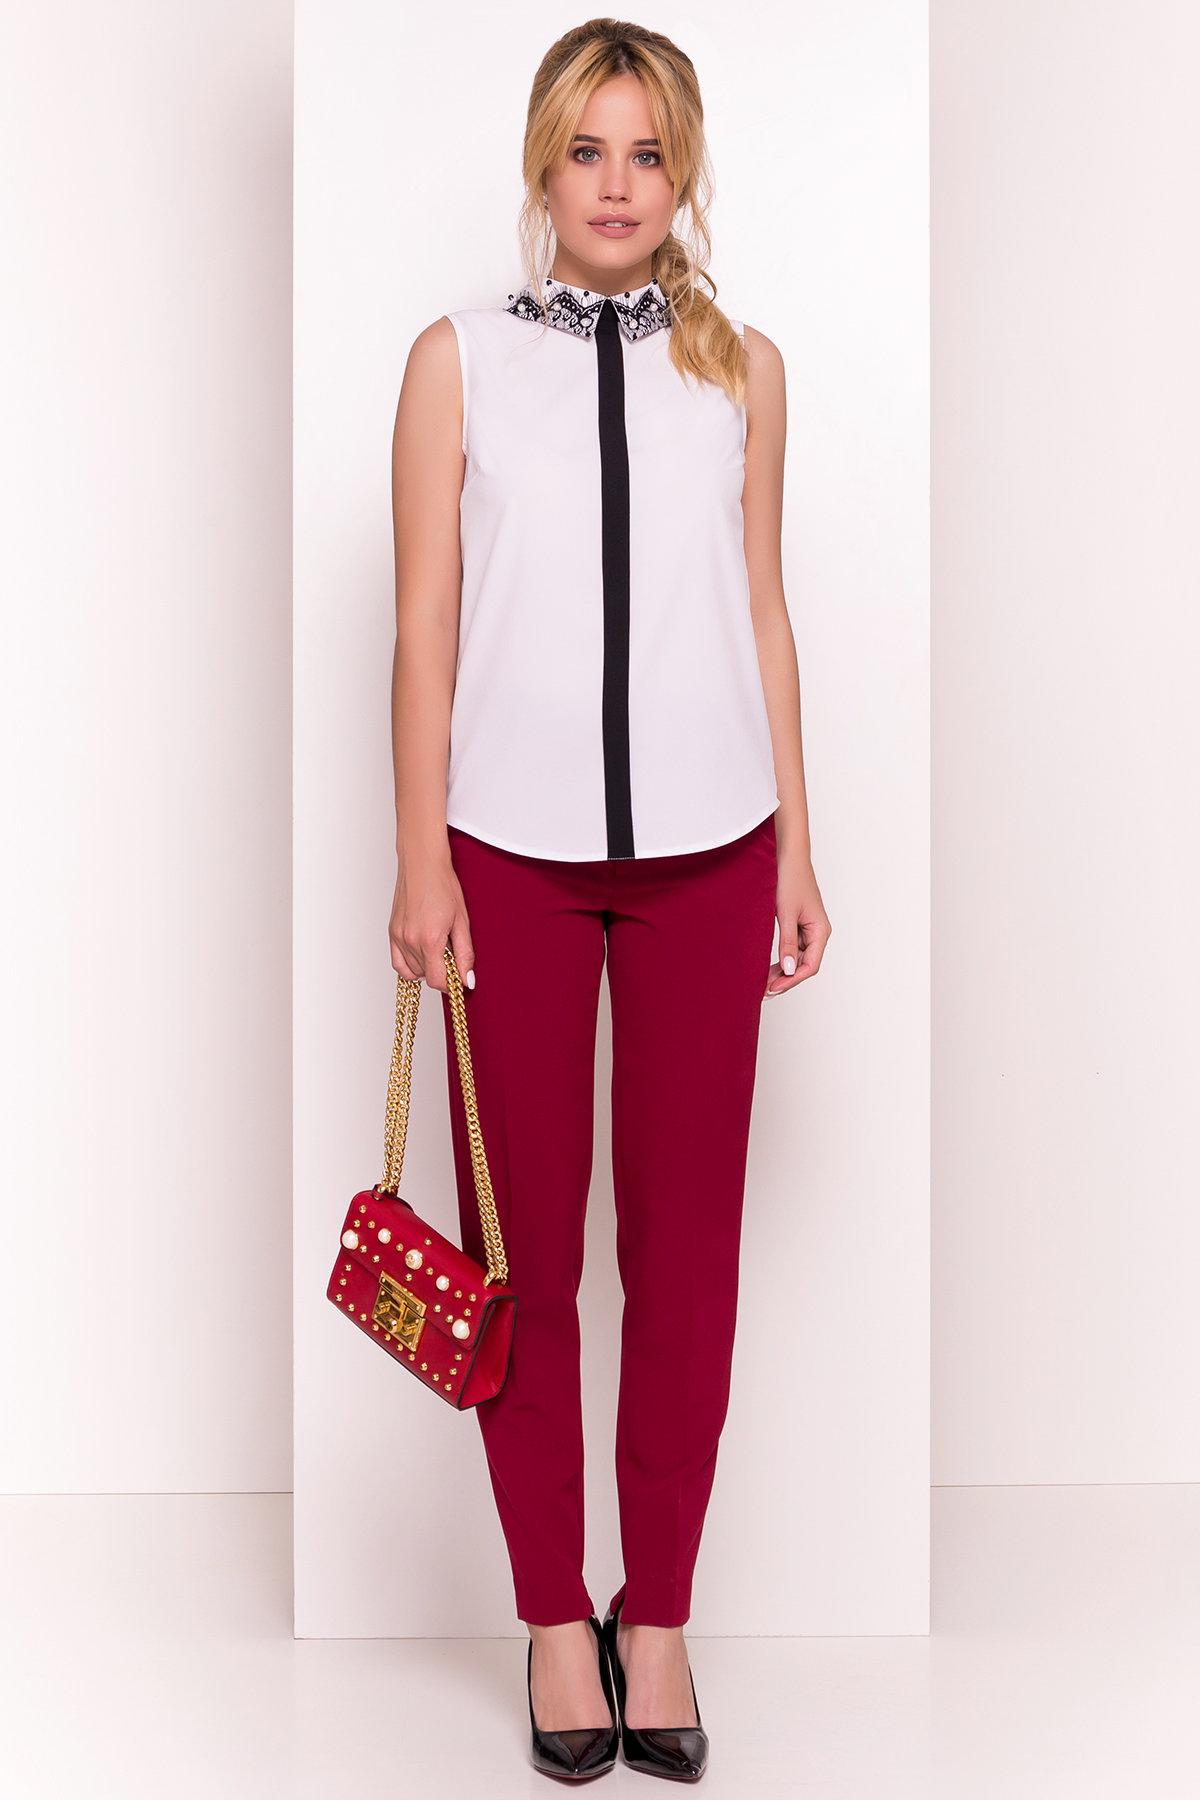 Блузка с вертикальной вставкой Мурия 5220 АРТ. 36304 Цвет: Белый - фото 3, интернет магазин tm-modus.ru